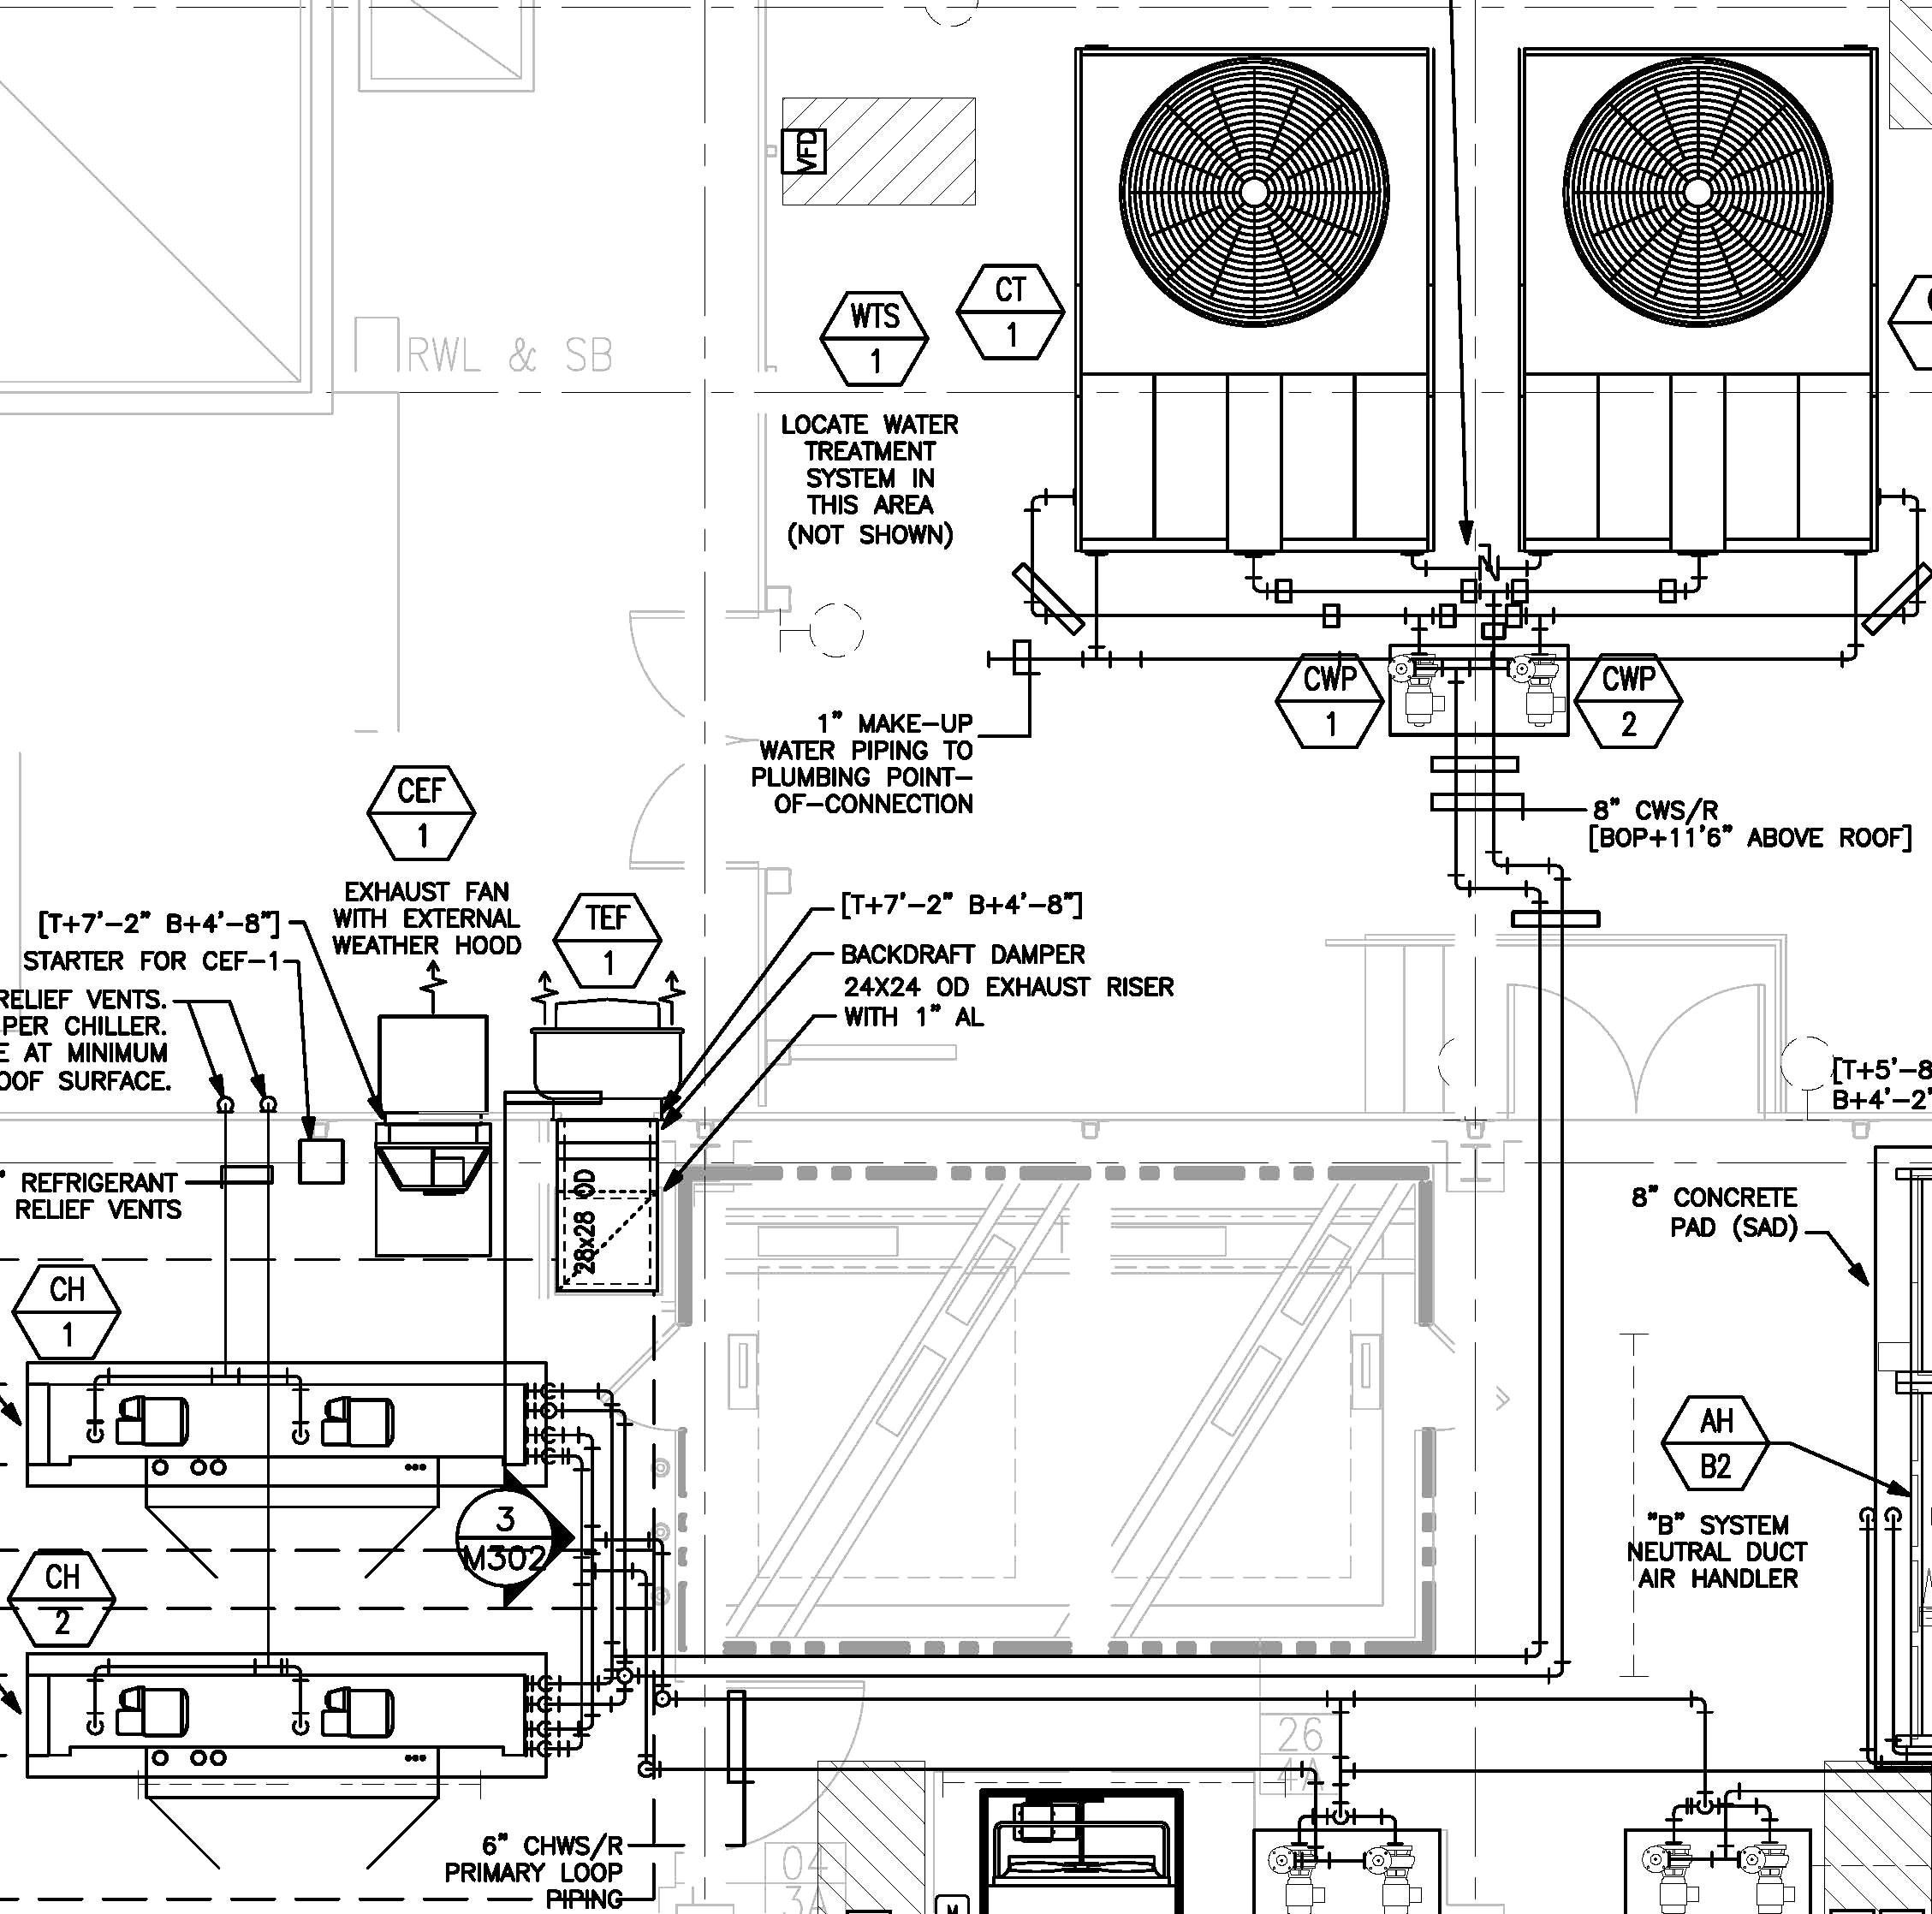 Peterbilt Air Schematics Peterbilt Wiring Diagram Free Sample Of Peterbilt Air Schematics